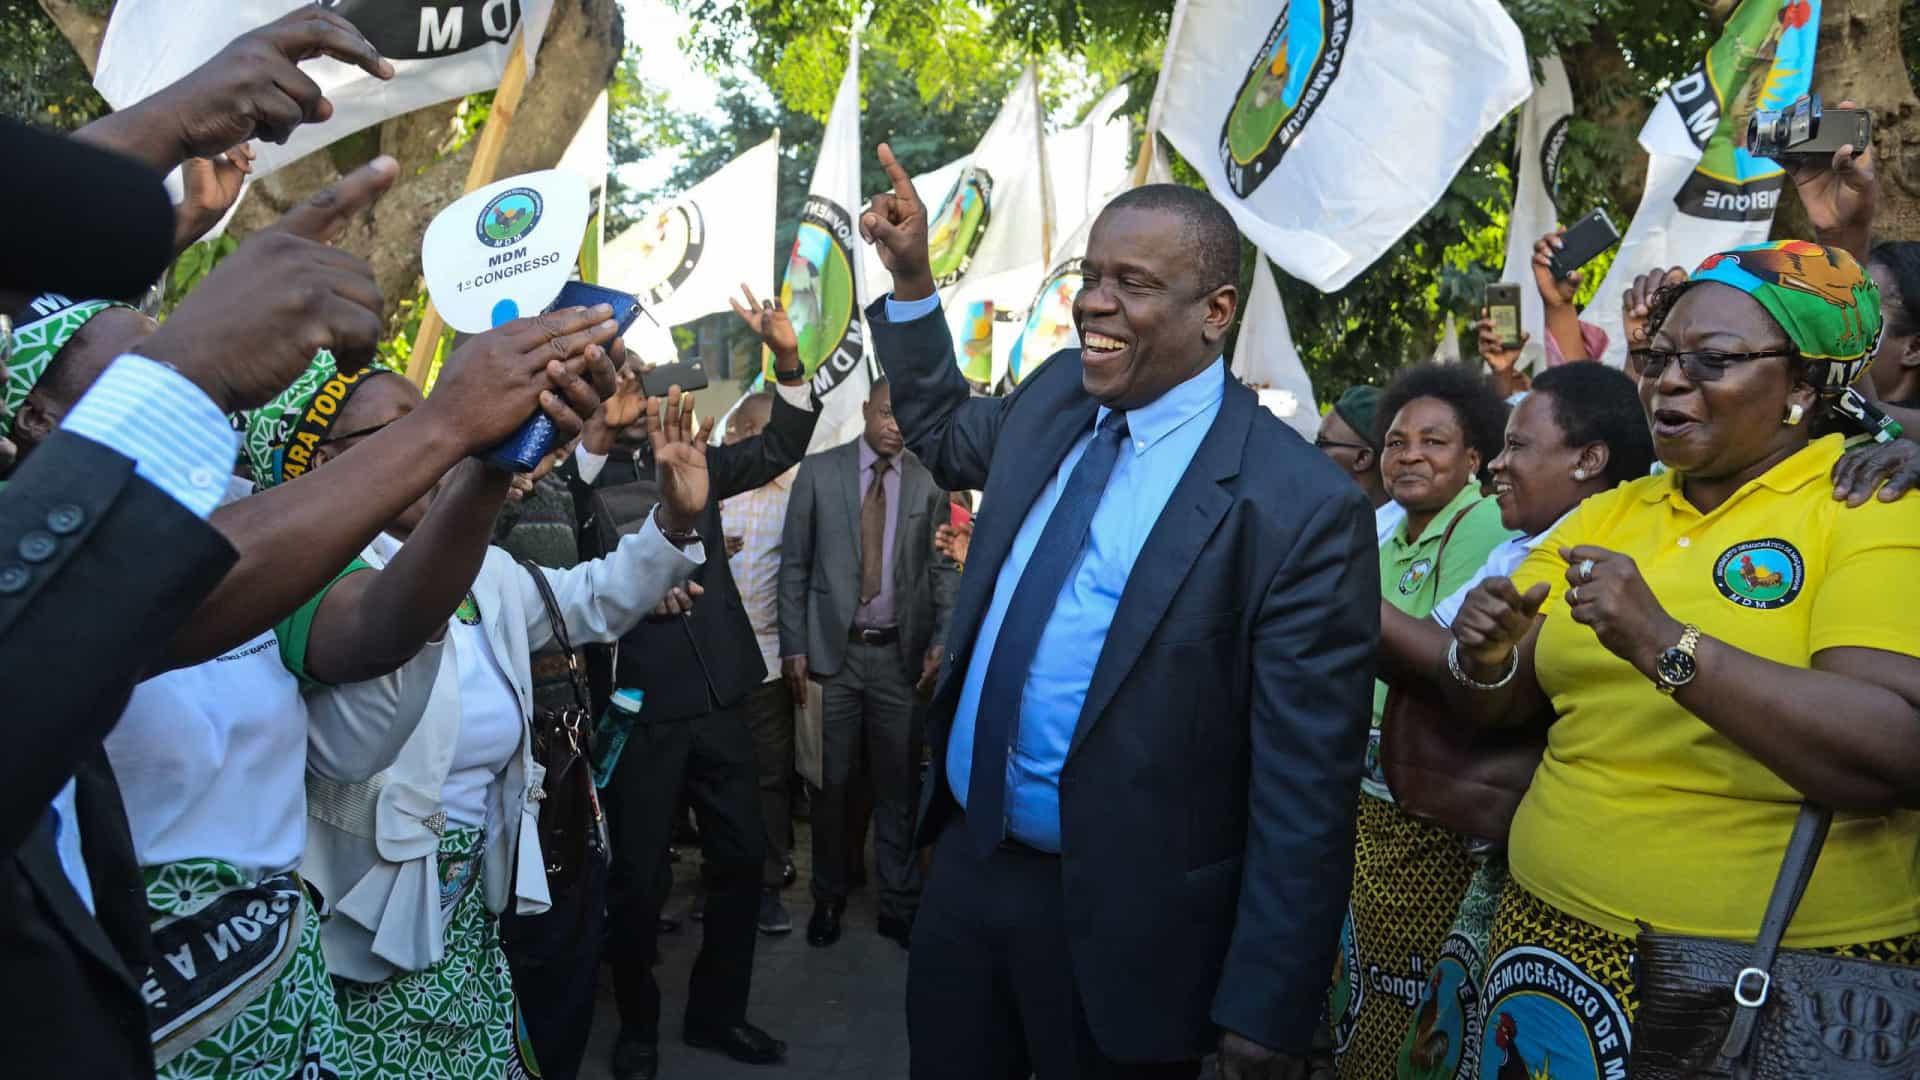 - MDM Mo ambique - Moçambique: Terceiro maior partido diz que não aceita resultados